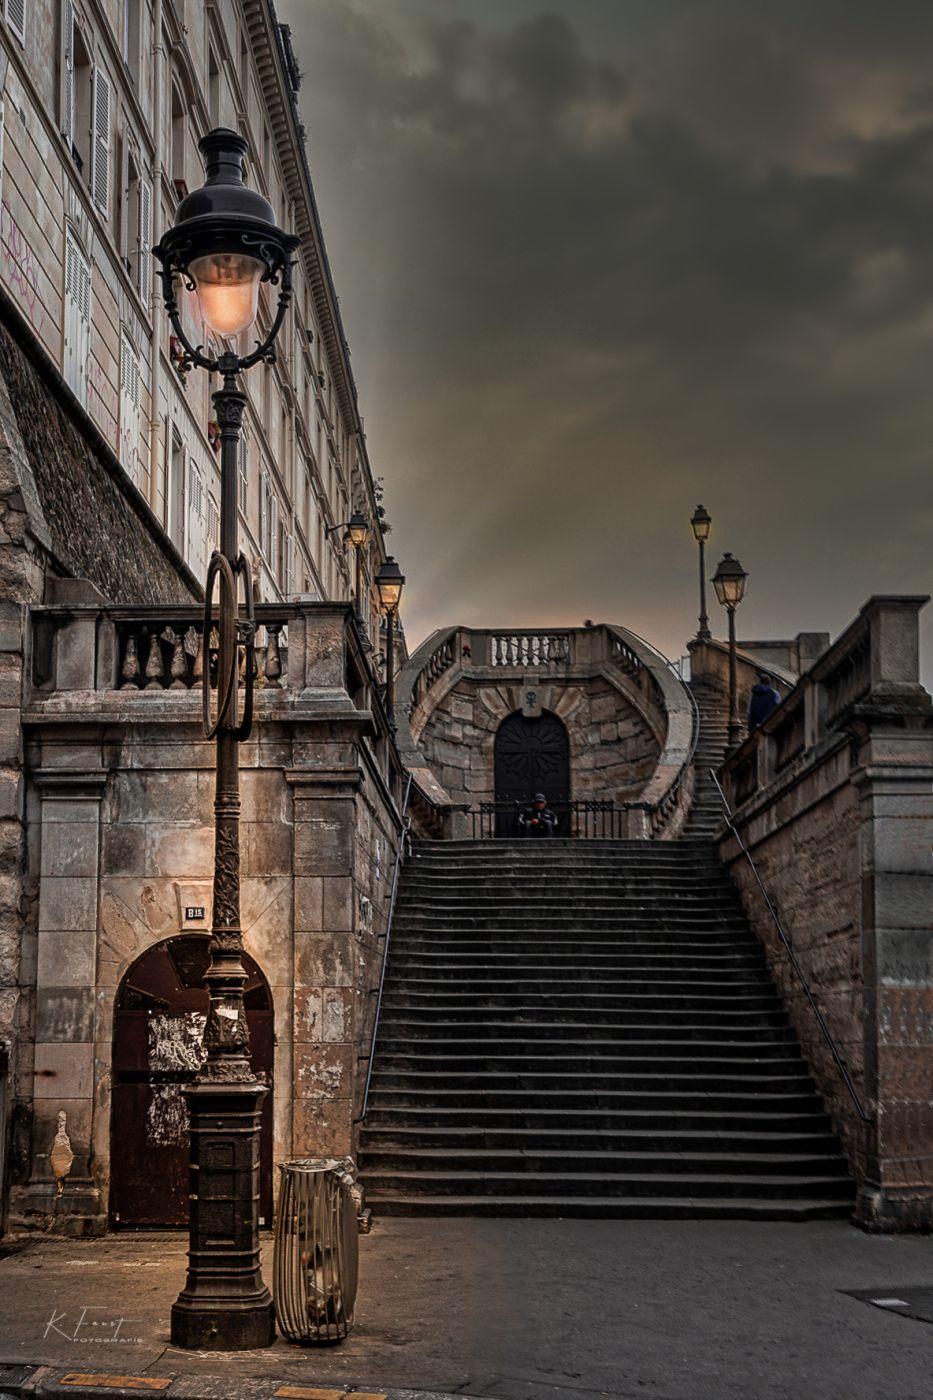 Gare de l'Est, France